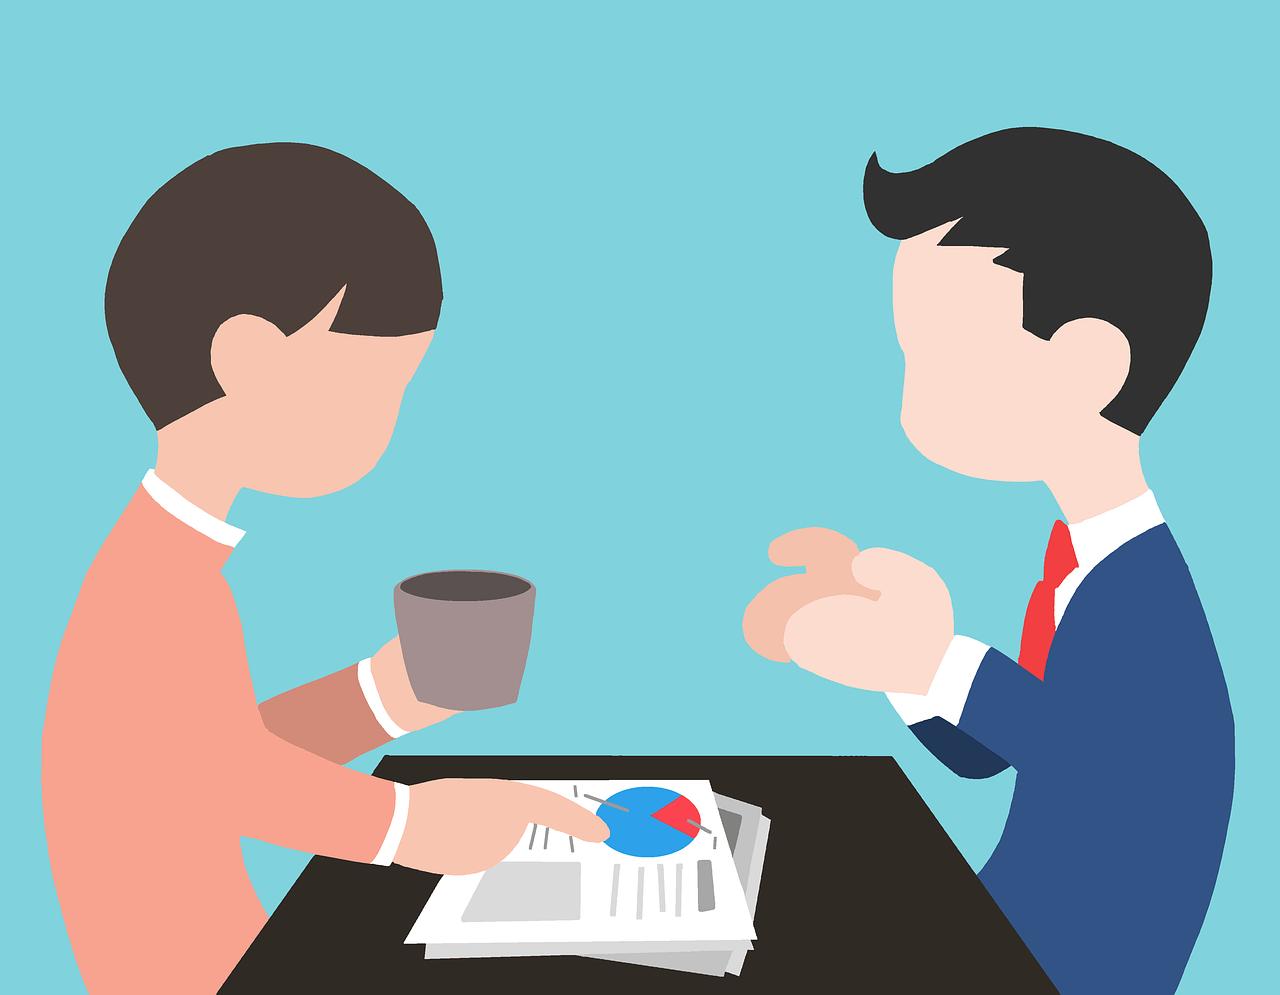 Как продать себя в кризис: 6 советов от экспертов